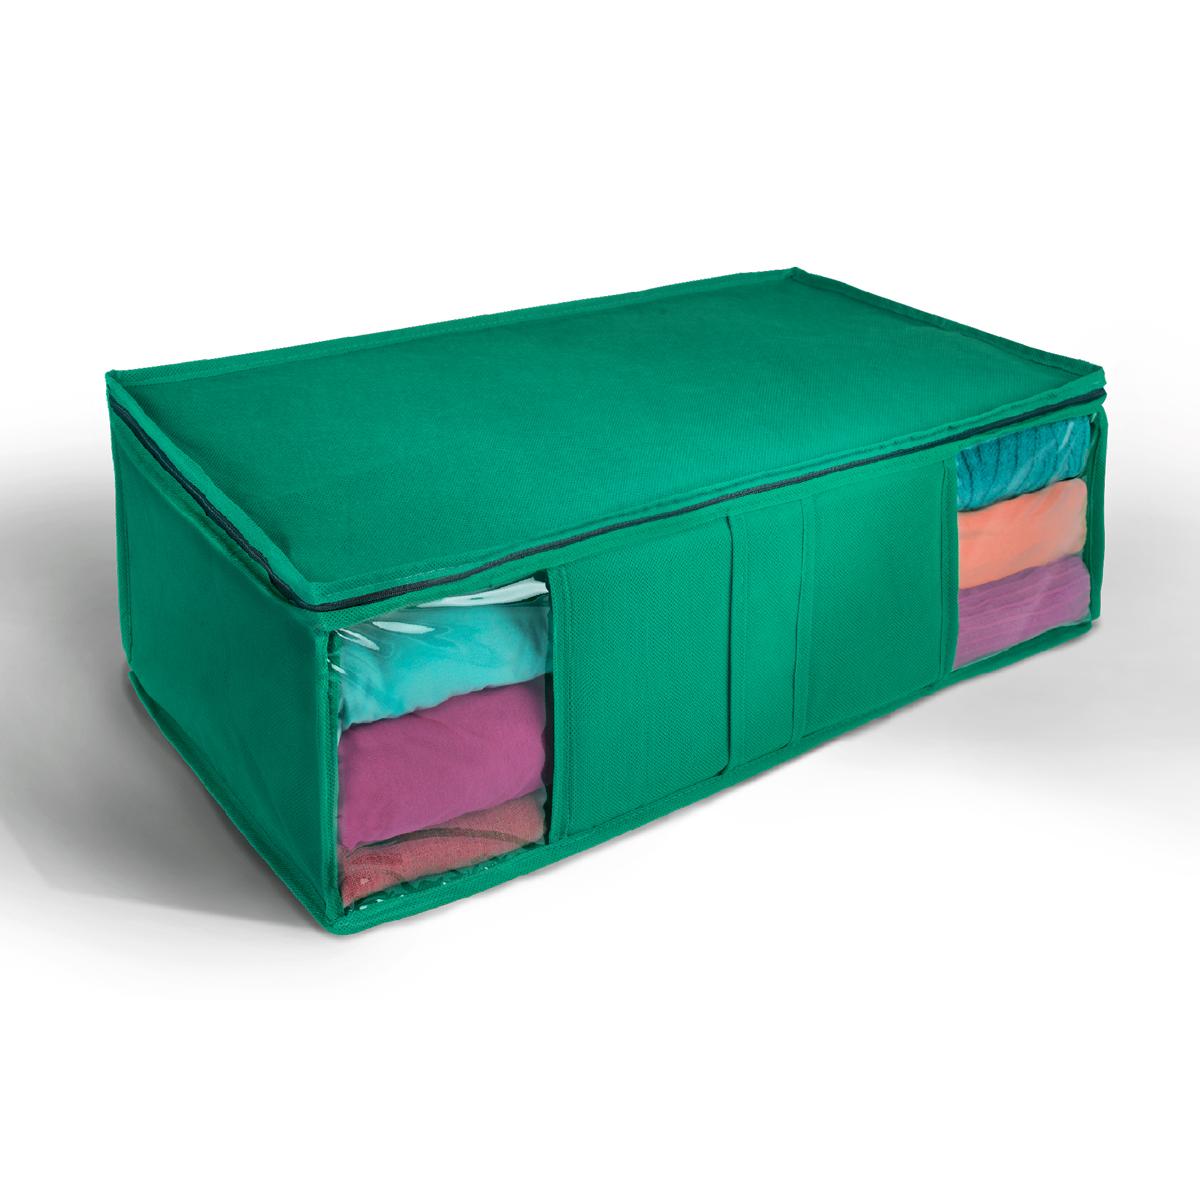 Кофр для хранения Miolla, цвет: зеленый, 60 х 30 х 20 см. CHL-10-2CHL-10-2Ящик текстильный для хранения вещей 60 x 30 x 20 см зеленый